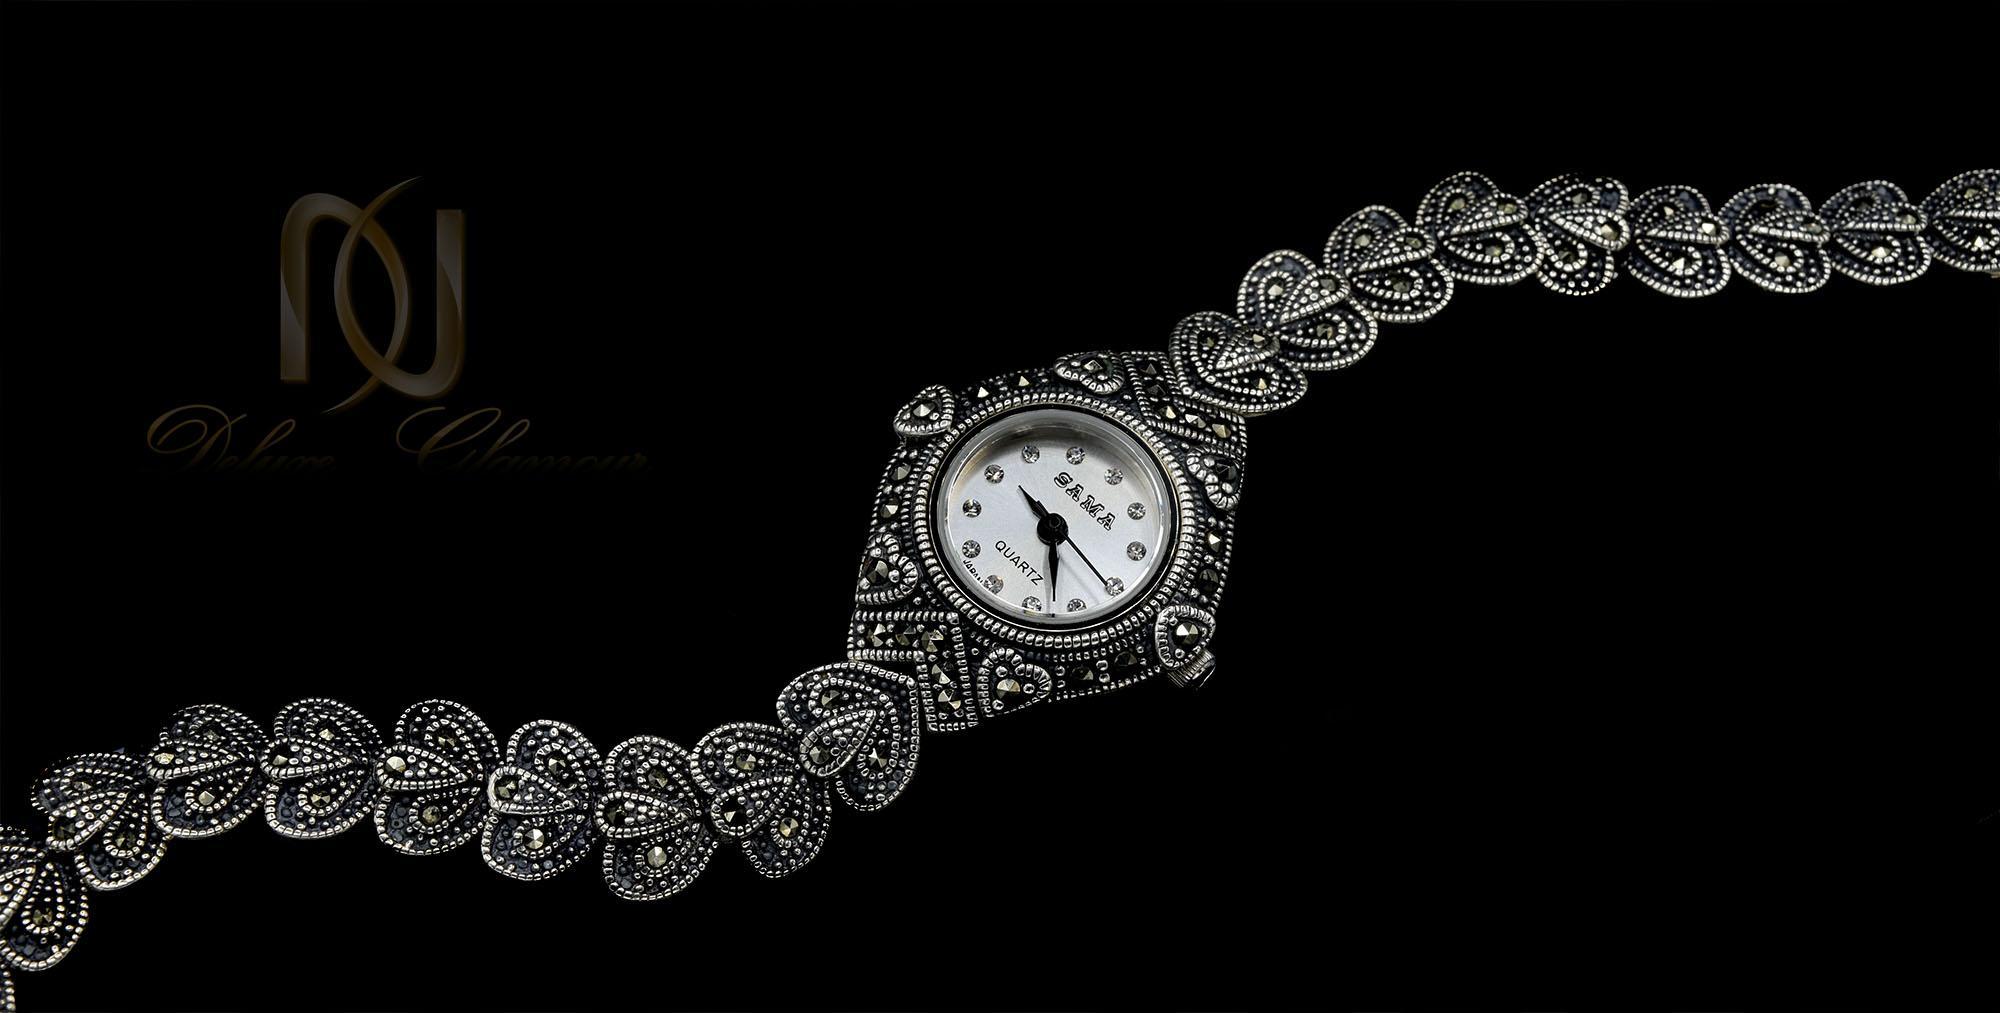 ساعت نقره زنانه طرح سیاه قلم سما wh-n141 از نمای مشکی